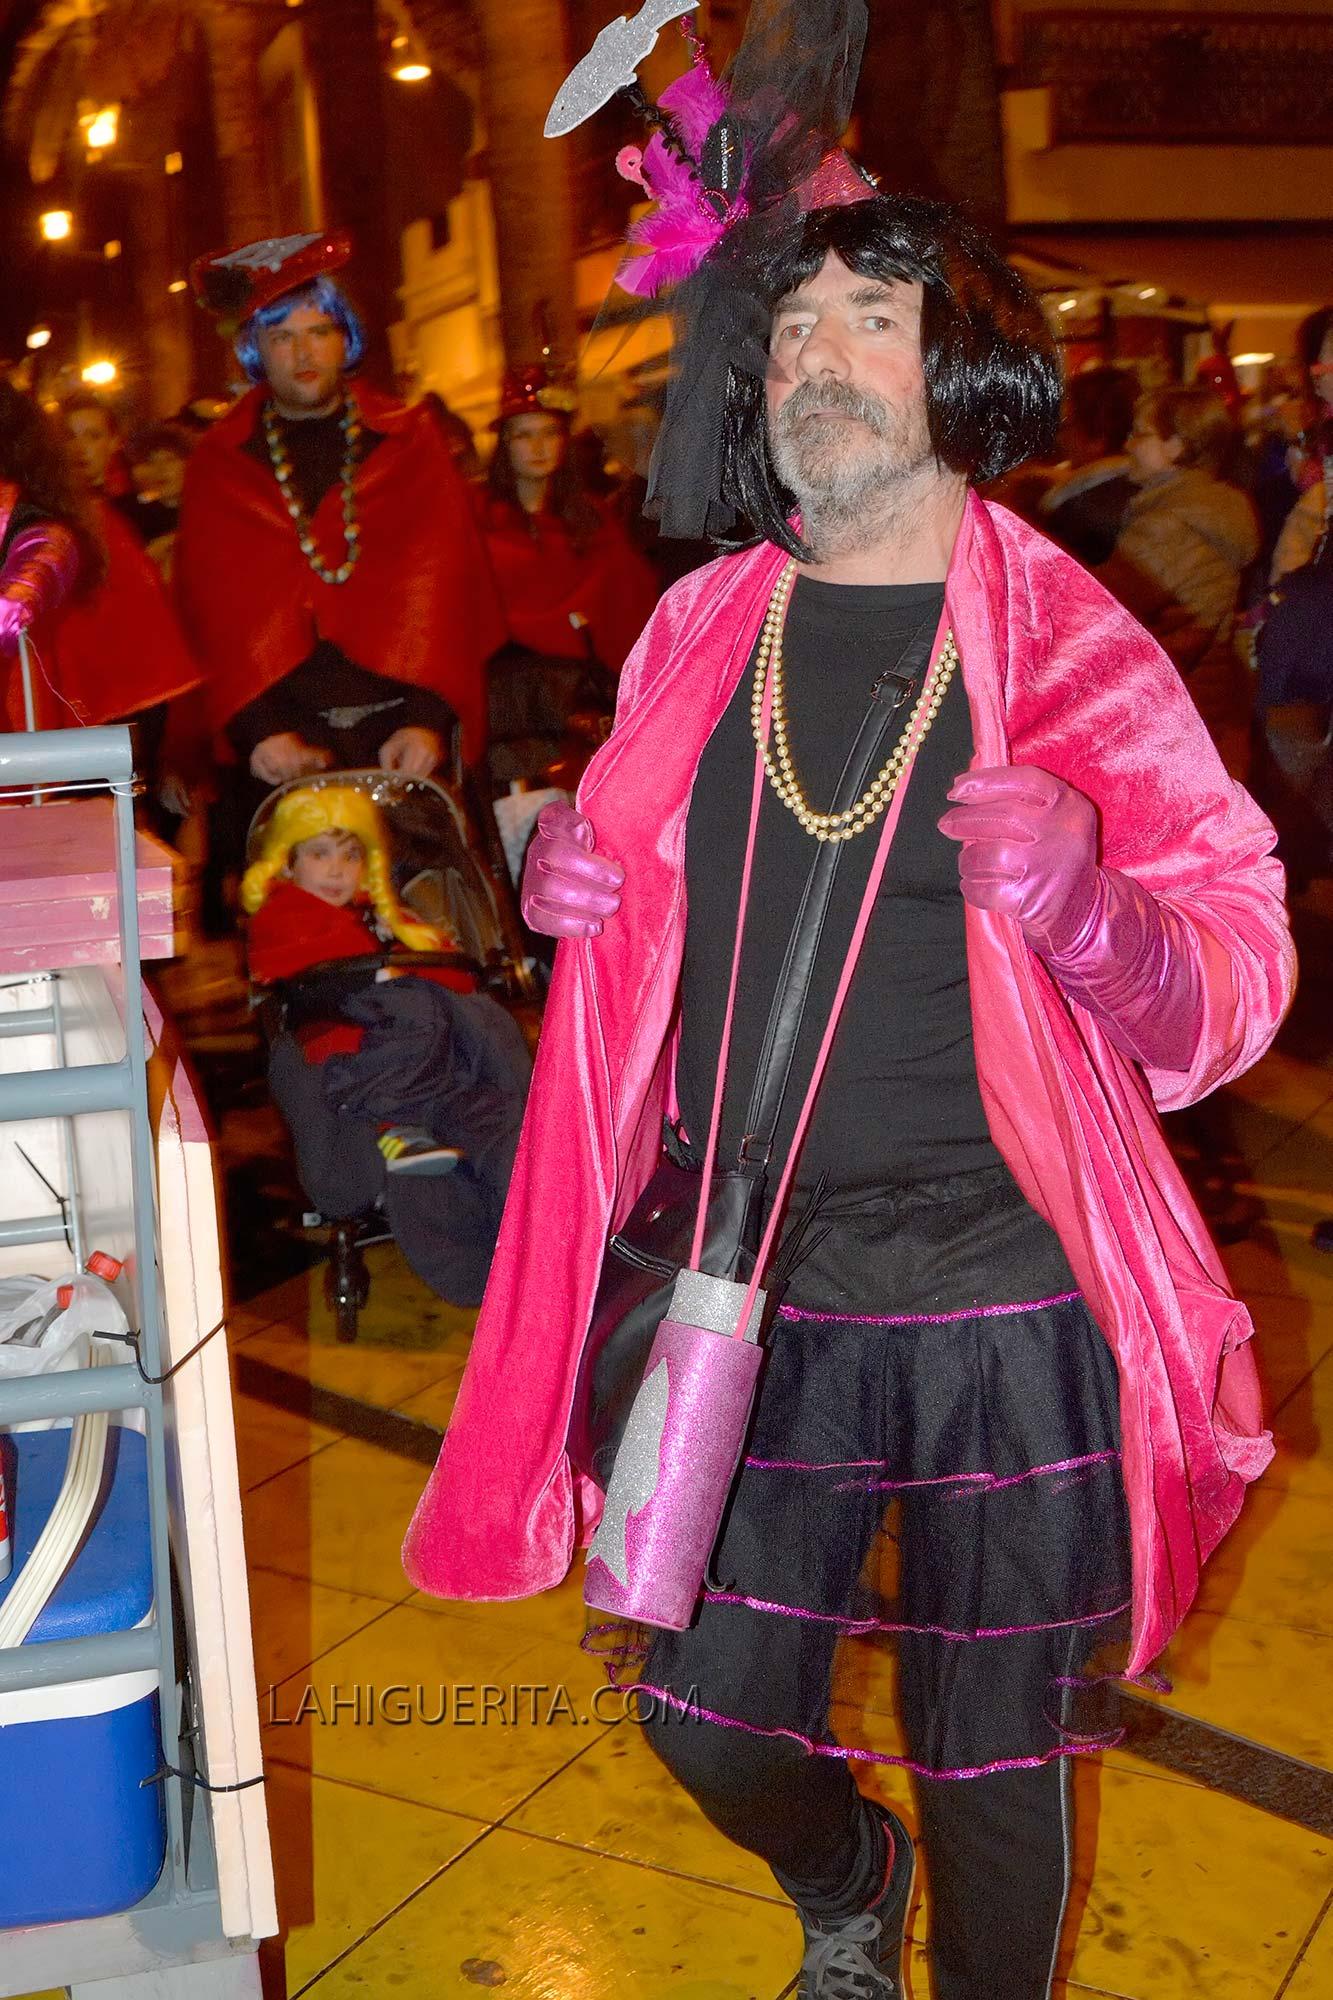 Entierro de la sardina carnaval isla cristina _DSC2050